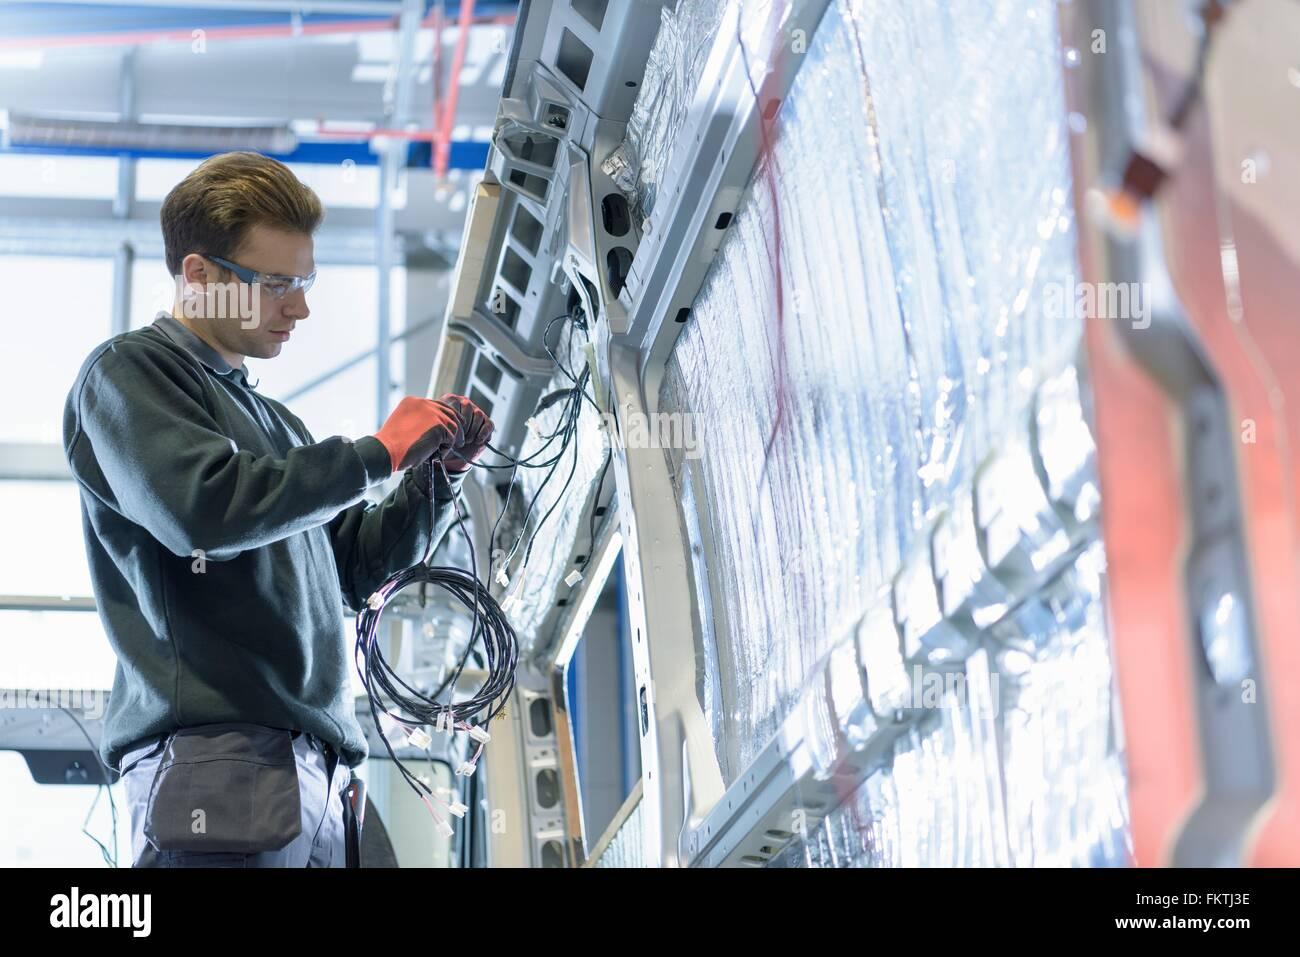 Arbeiter, die Montage Elektrik auf Wohnmobil-Produktionslinie Stockbild